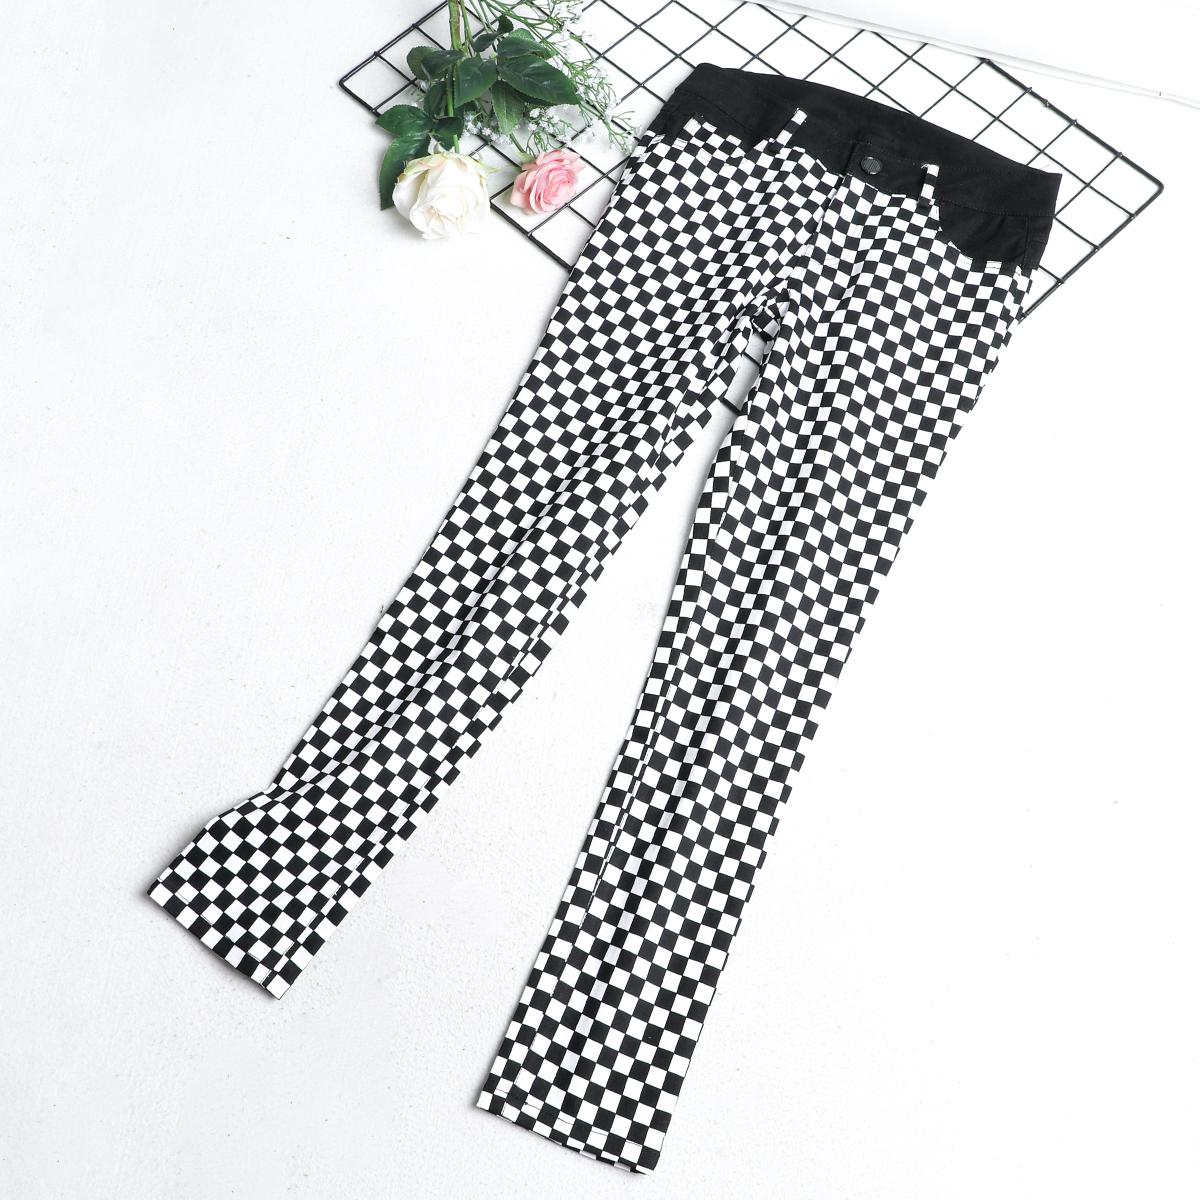 P1 Người Anh màu đen và trắng quần kẻ sọc nữ mùa hè phần mỏng chín quần quần mùa thu quần mới chân thường thủy triều hoang dã